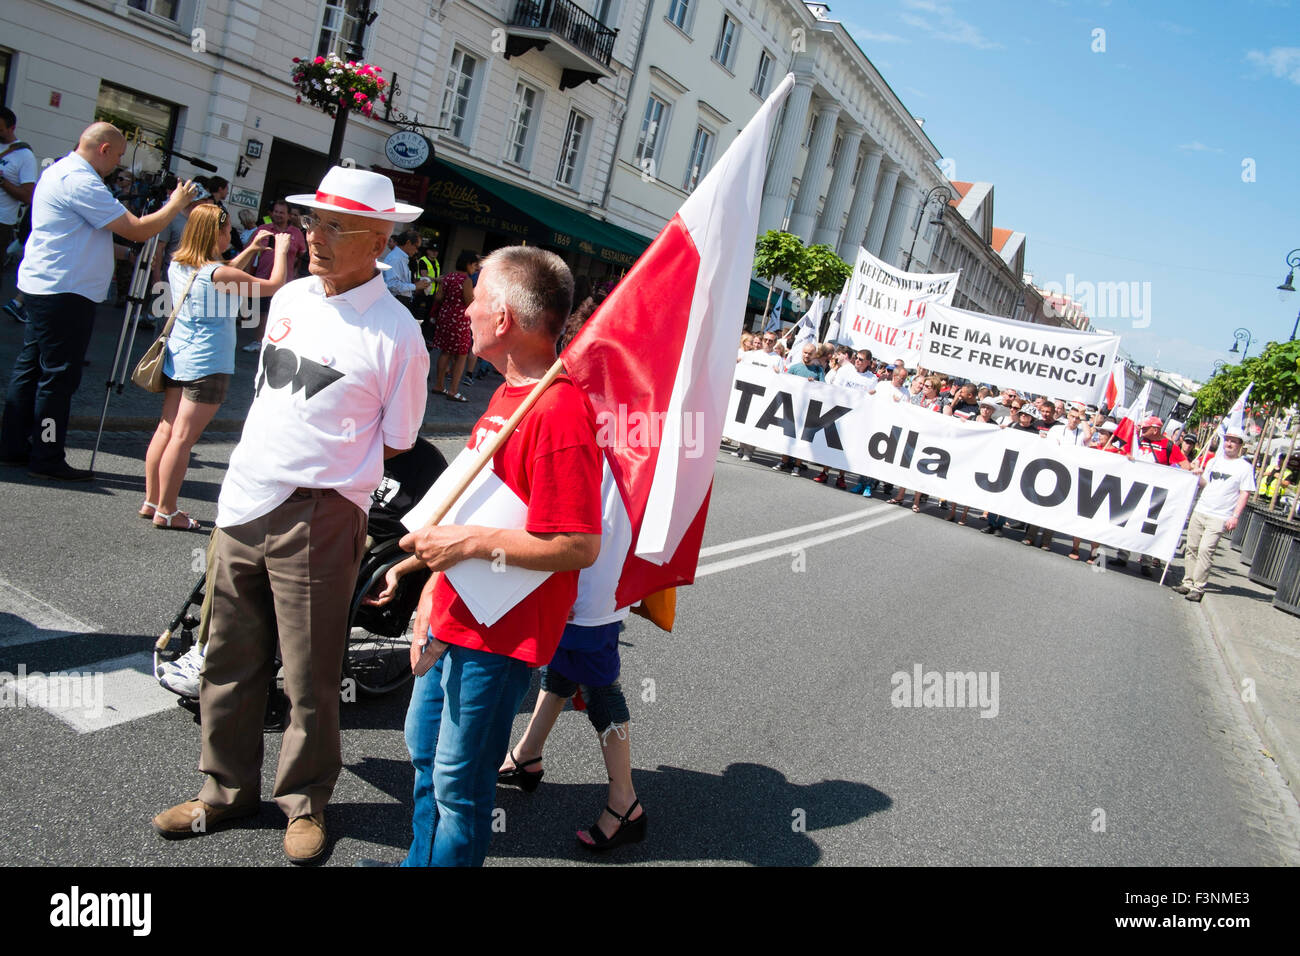 Política de Polonia marzo calle demo Imagen De Stock